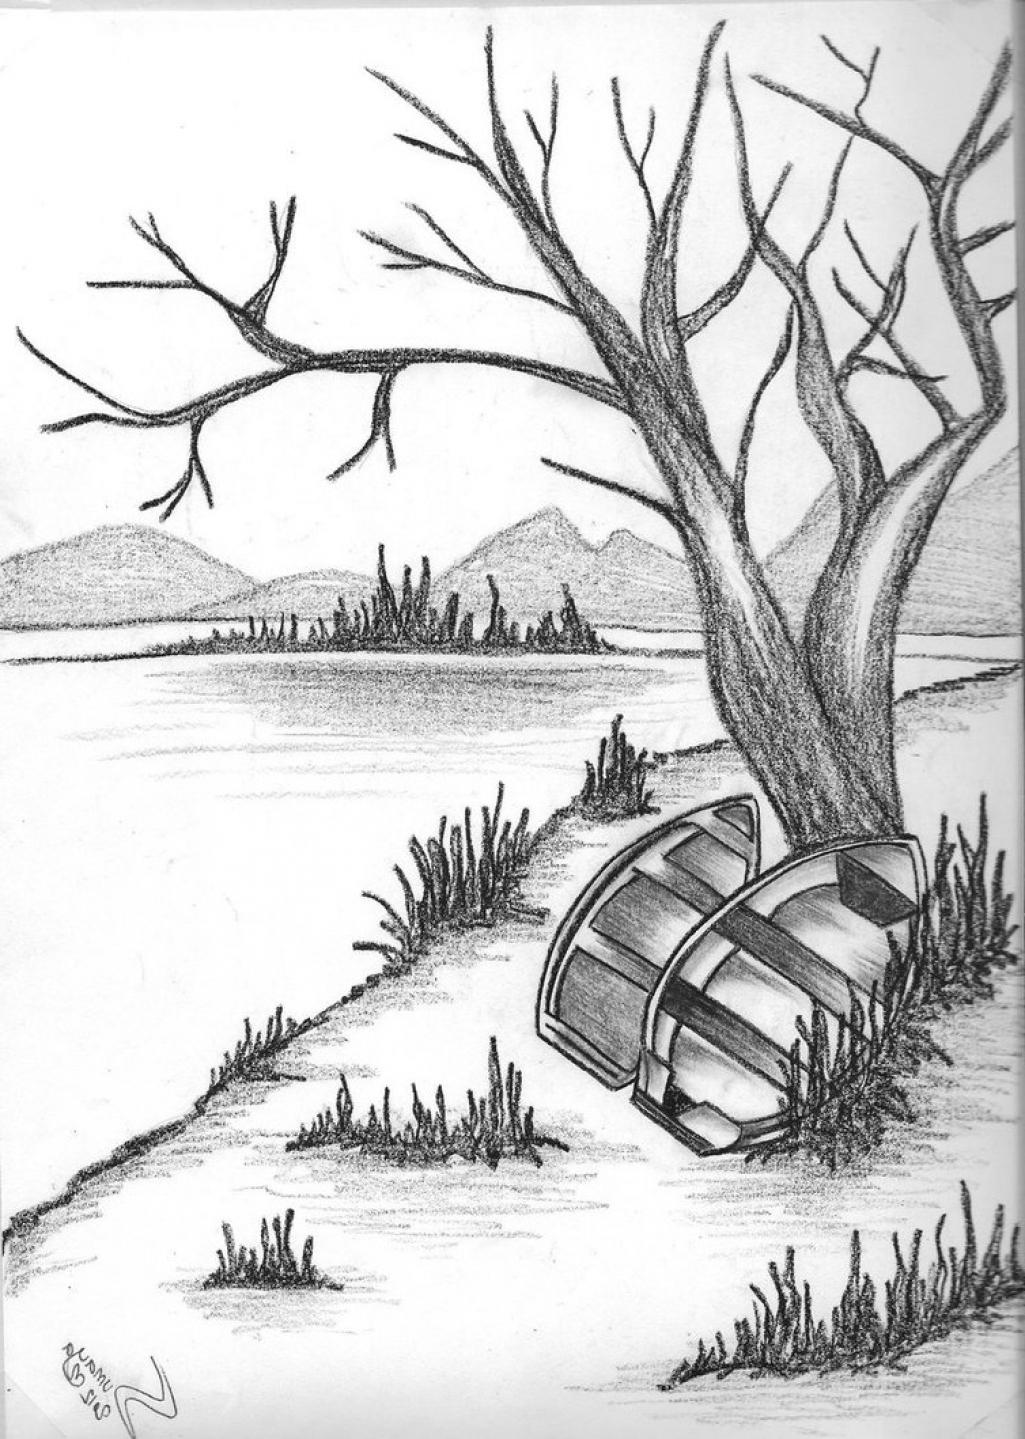 1025x1439 Drawings Of Beach Scenes